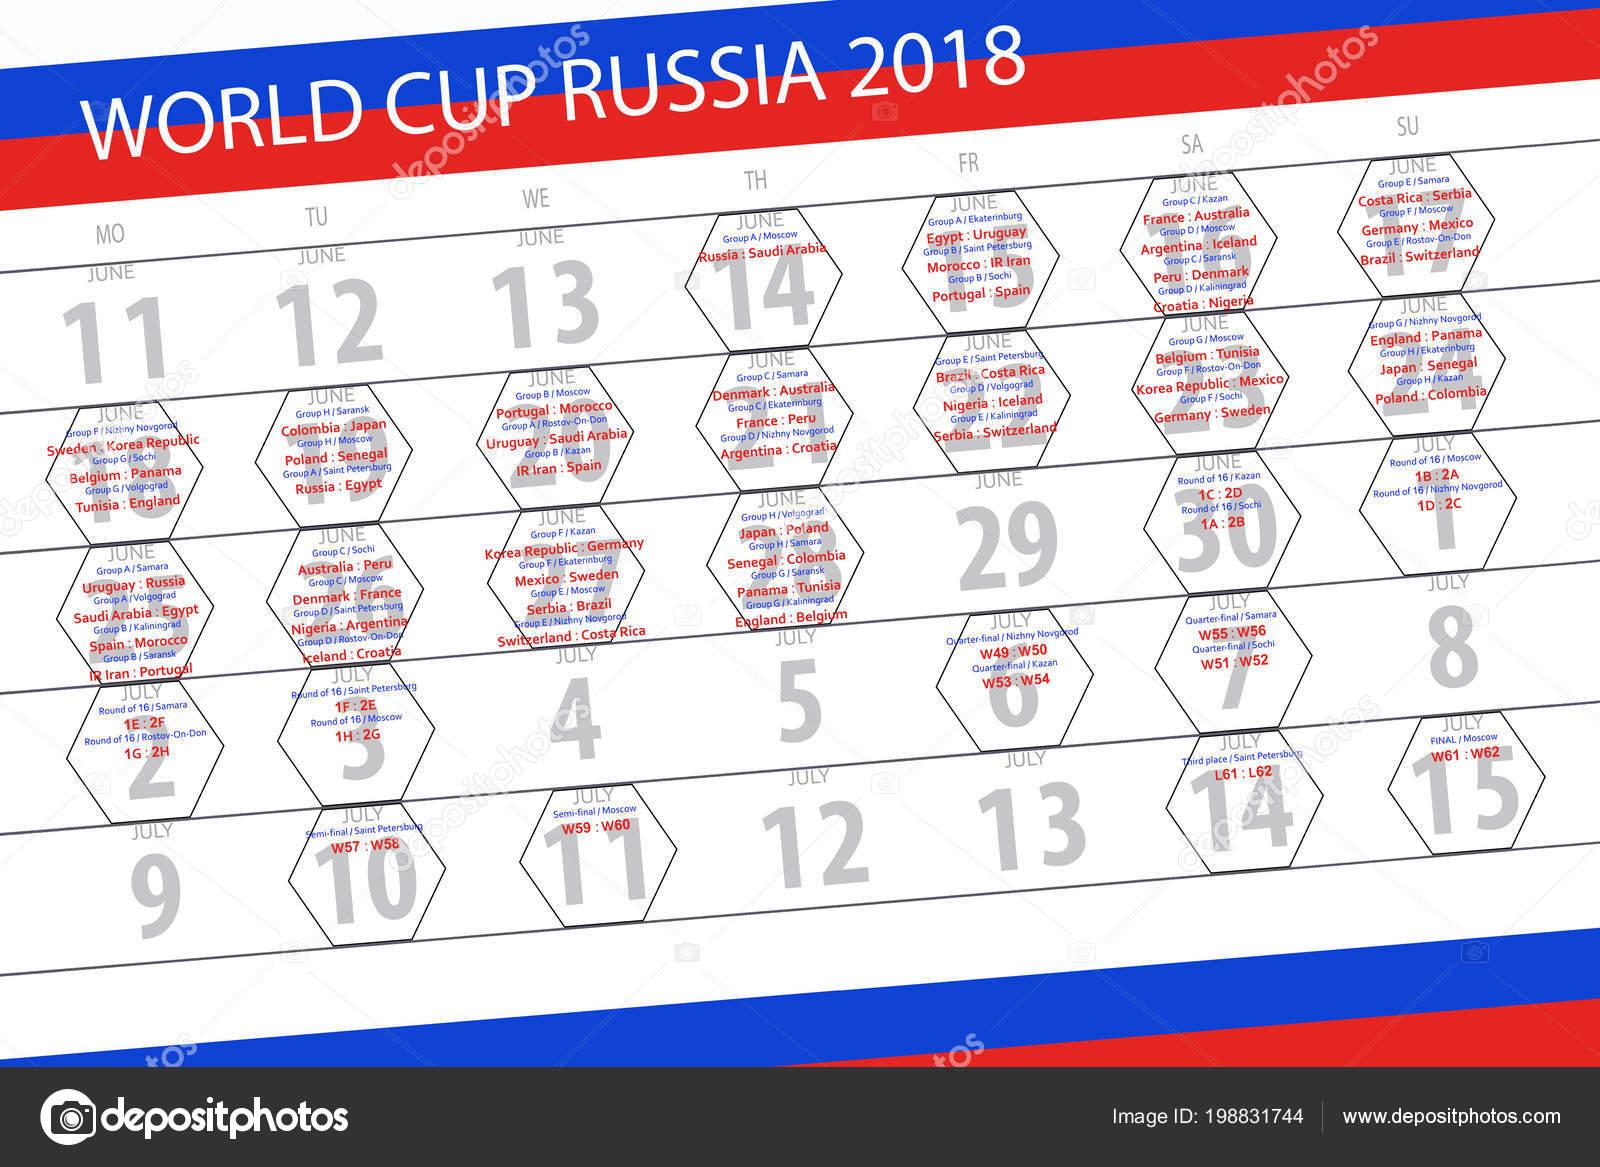 Calendrier Des Match De La Coupe Du Monde.Calendrier Des Matches De La Coupe Du Monde 2018 De Russie